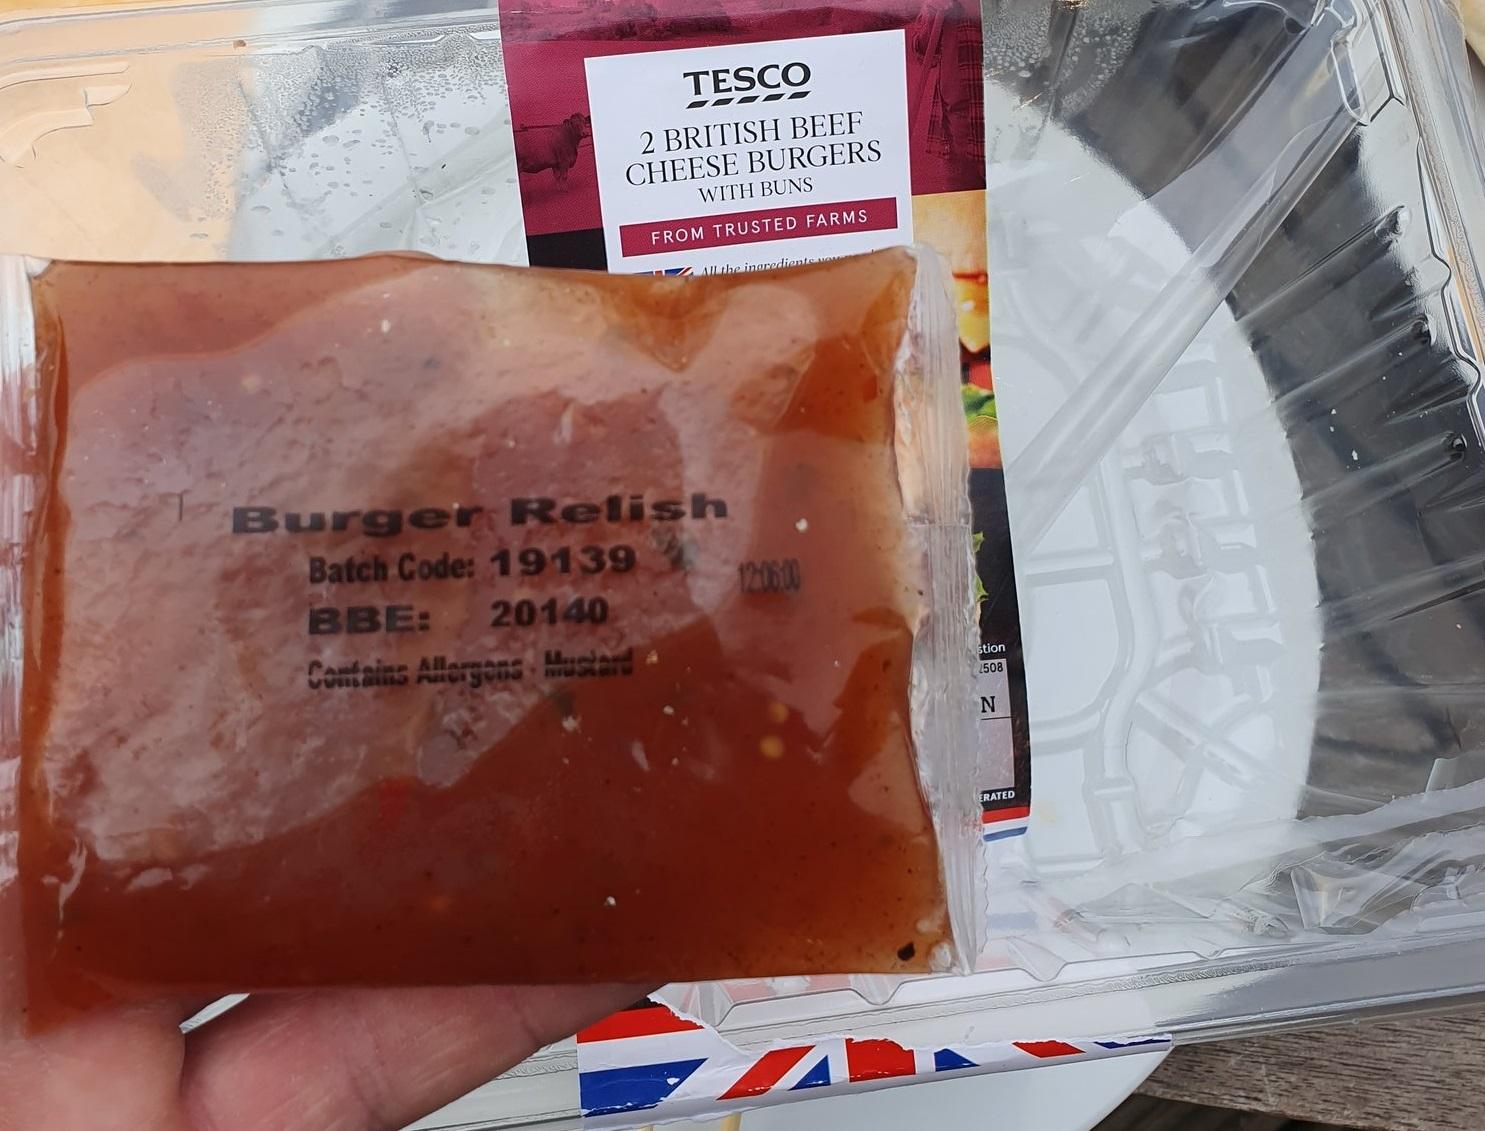 A Tesco valamiért a Julián-naptár szerint írta rá a szavatossági dátumot egy hamburgerszószra